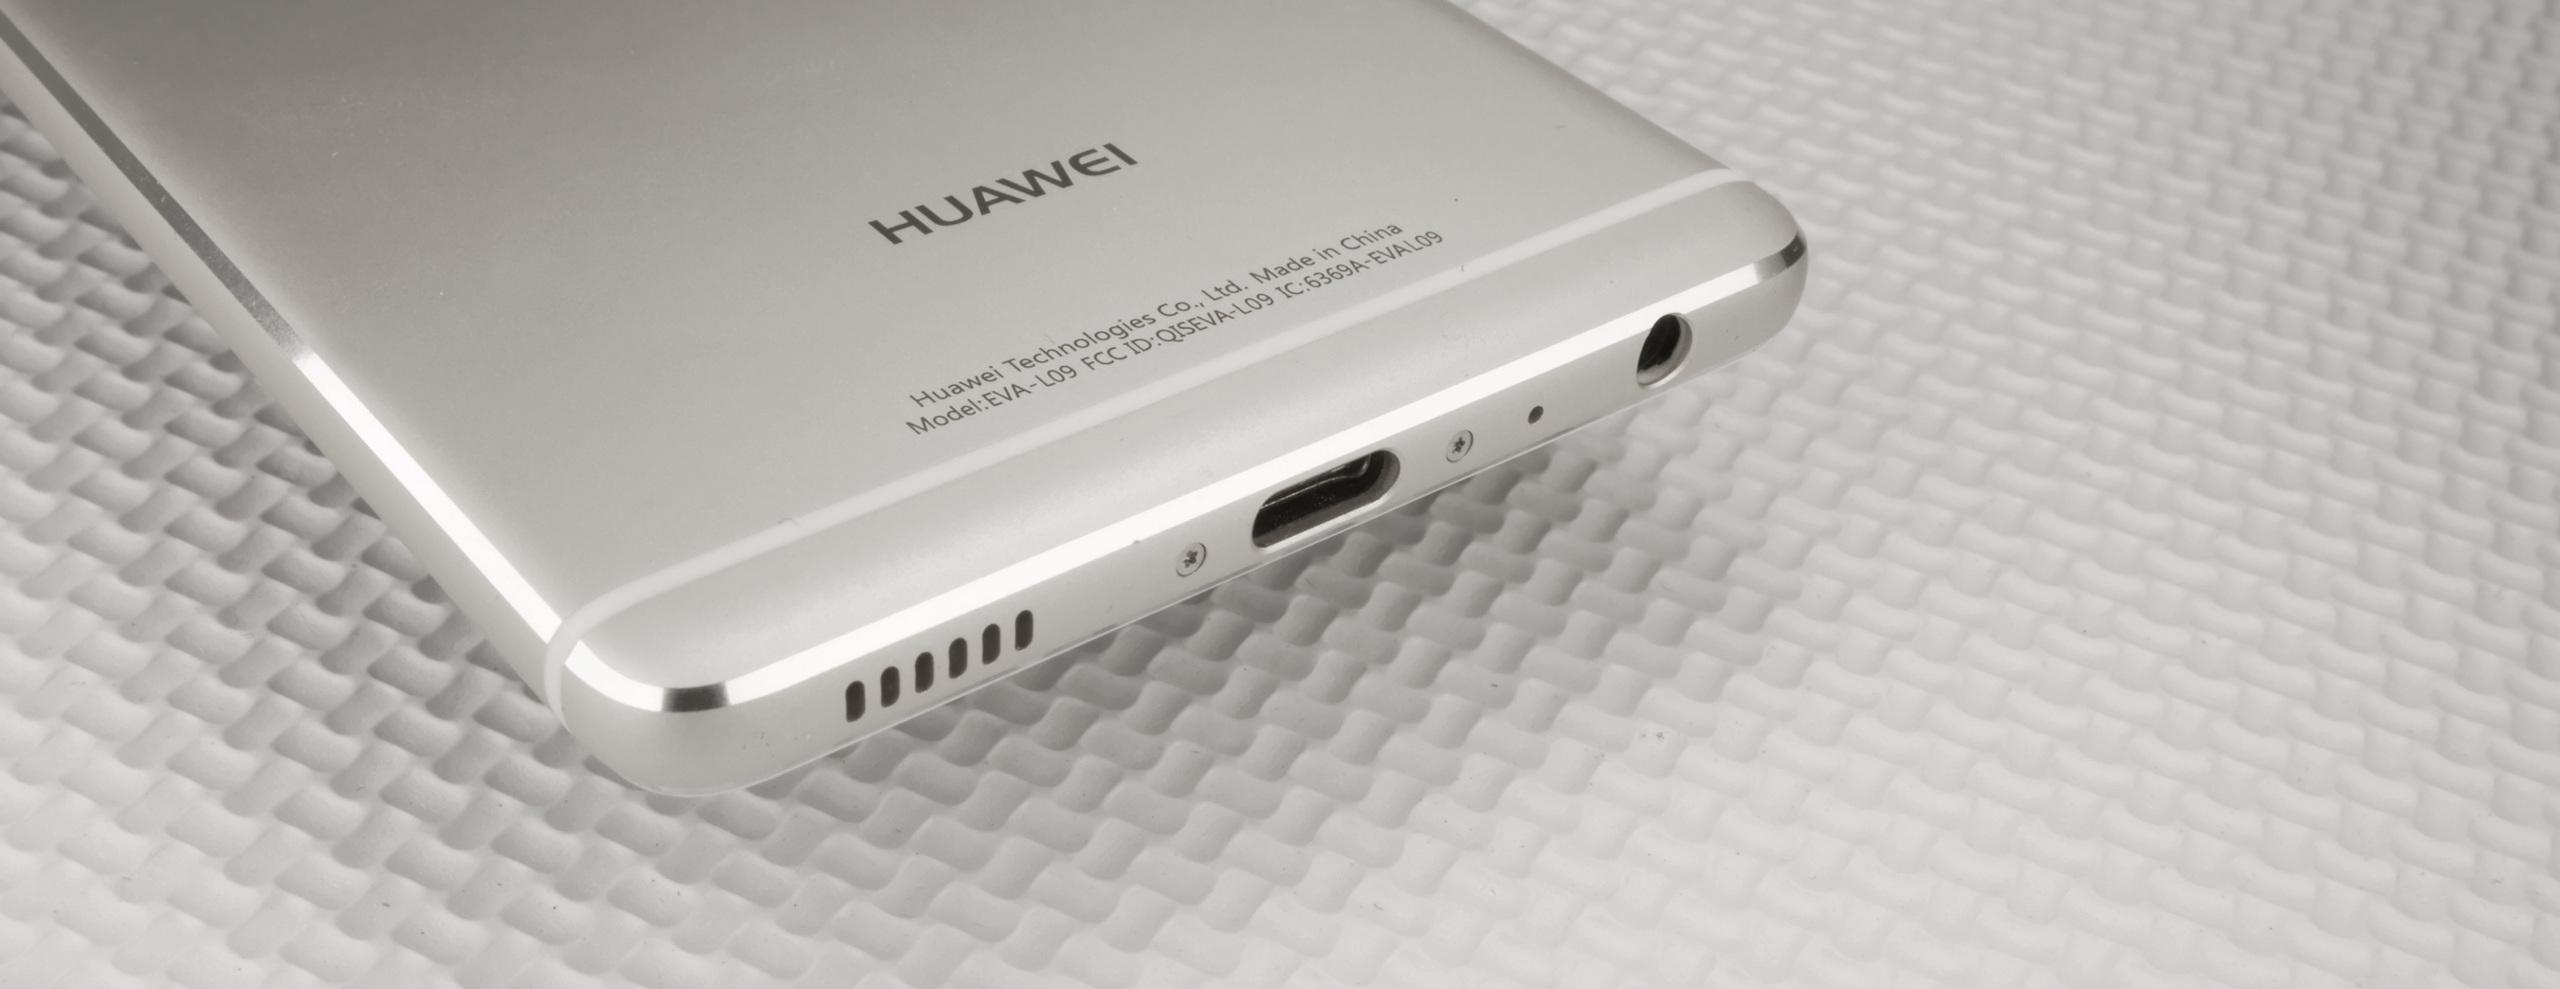 Foto de Huawei P9 (5/11)